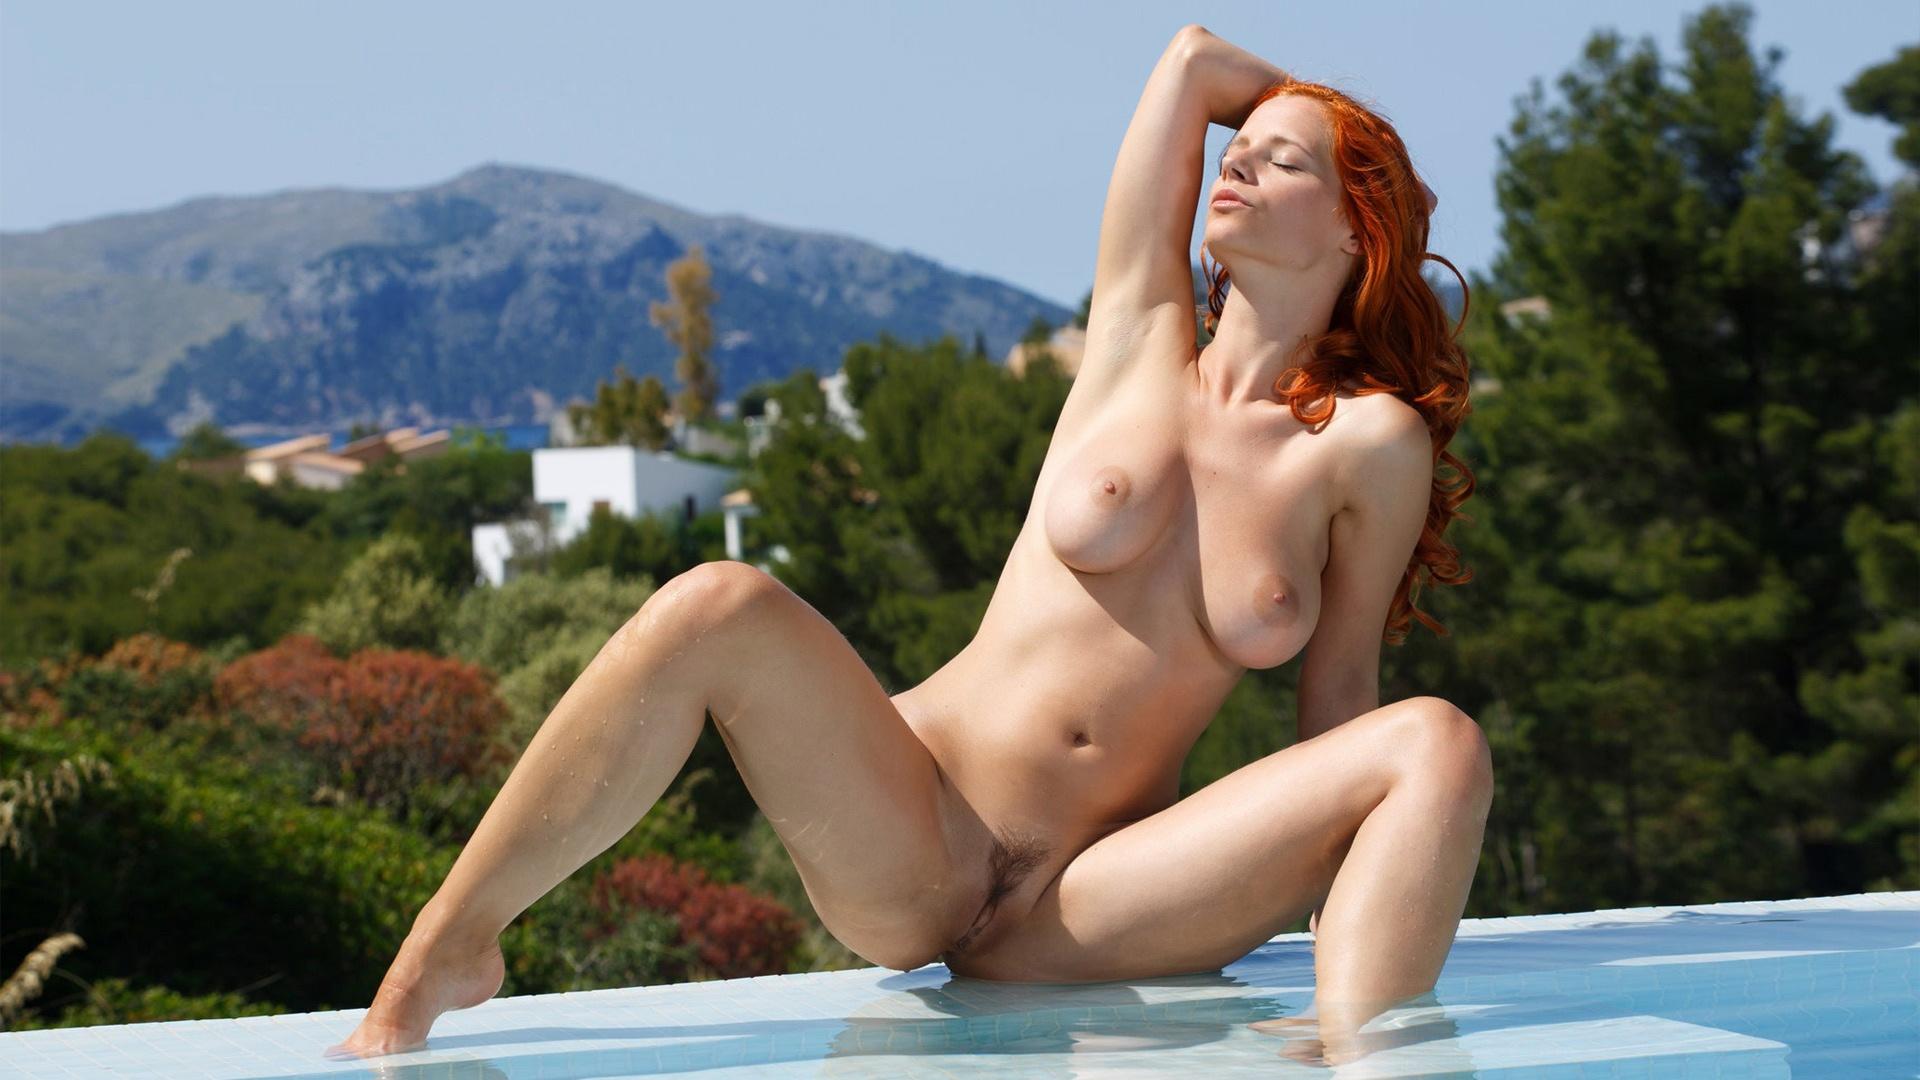 busty redhead pornstar showing pussy